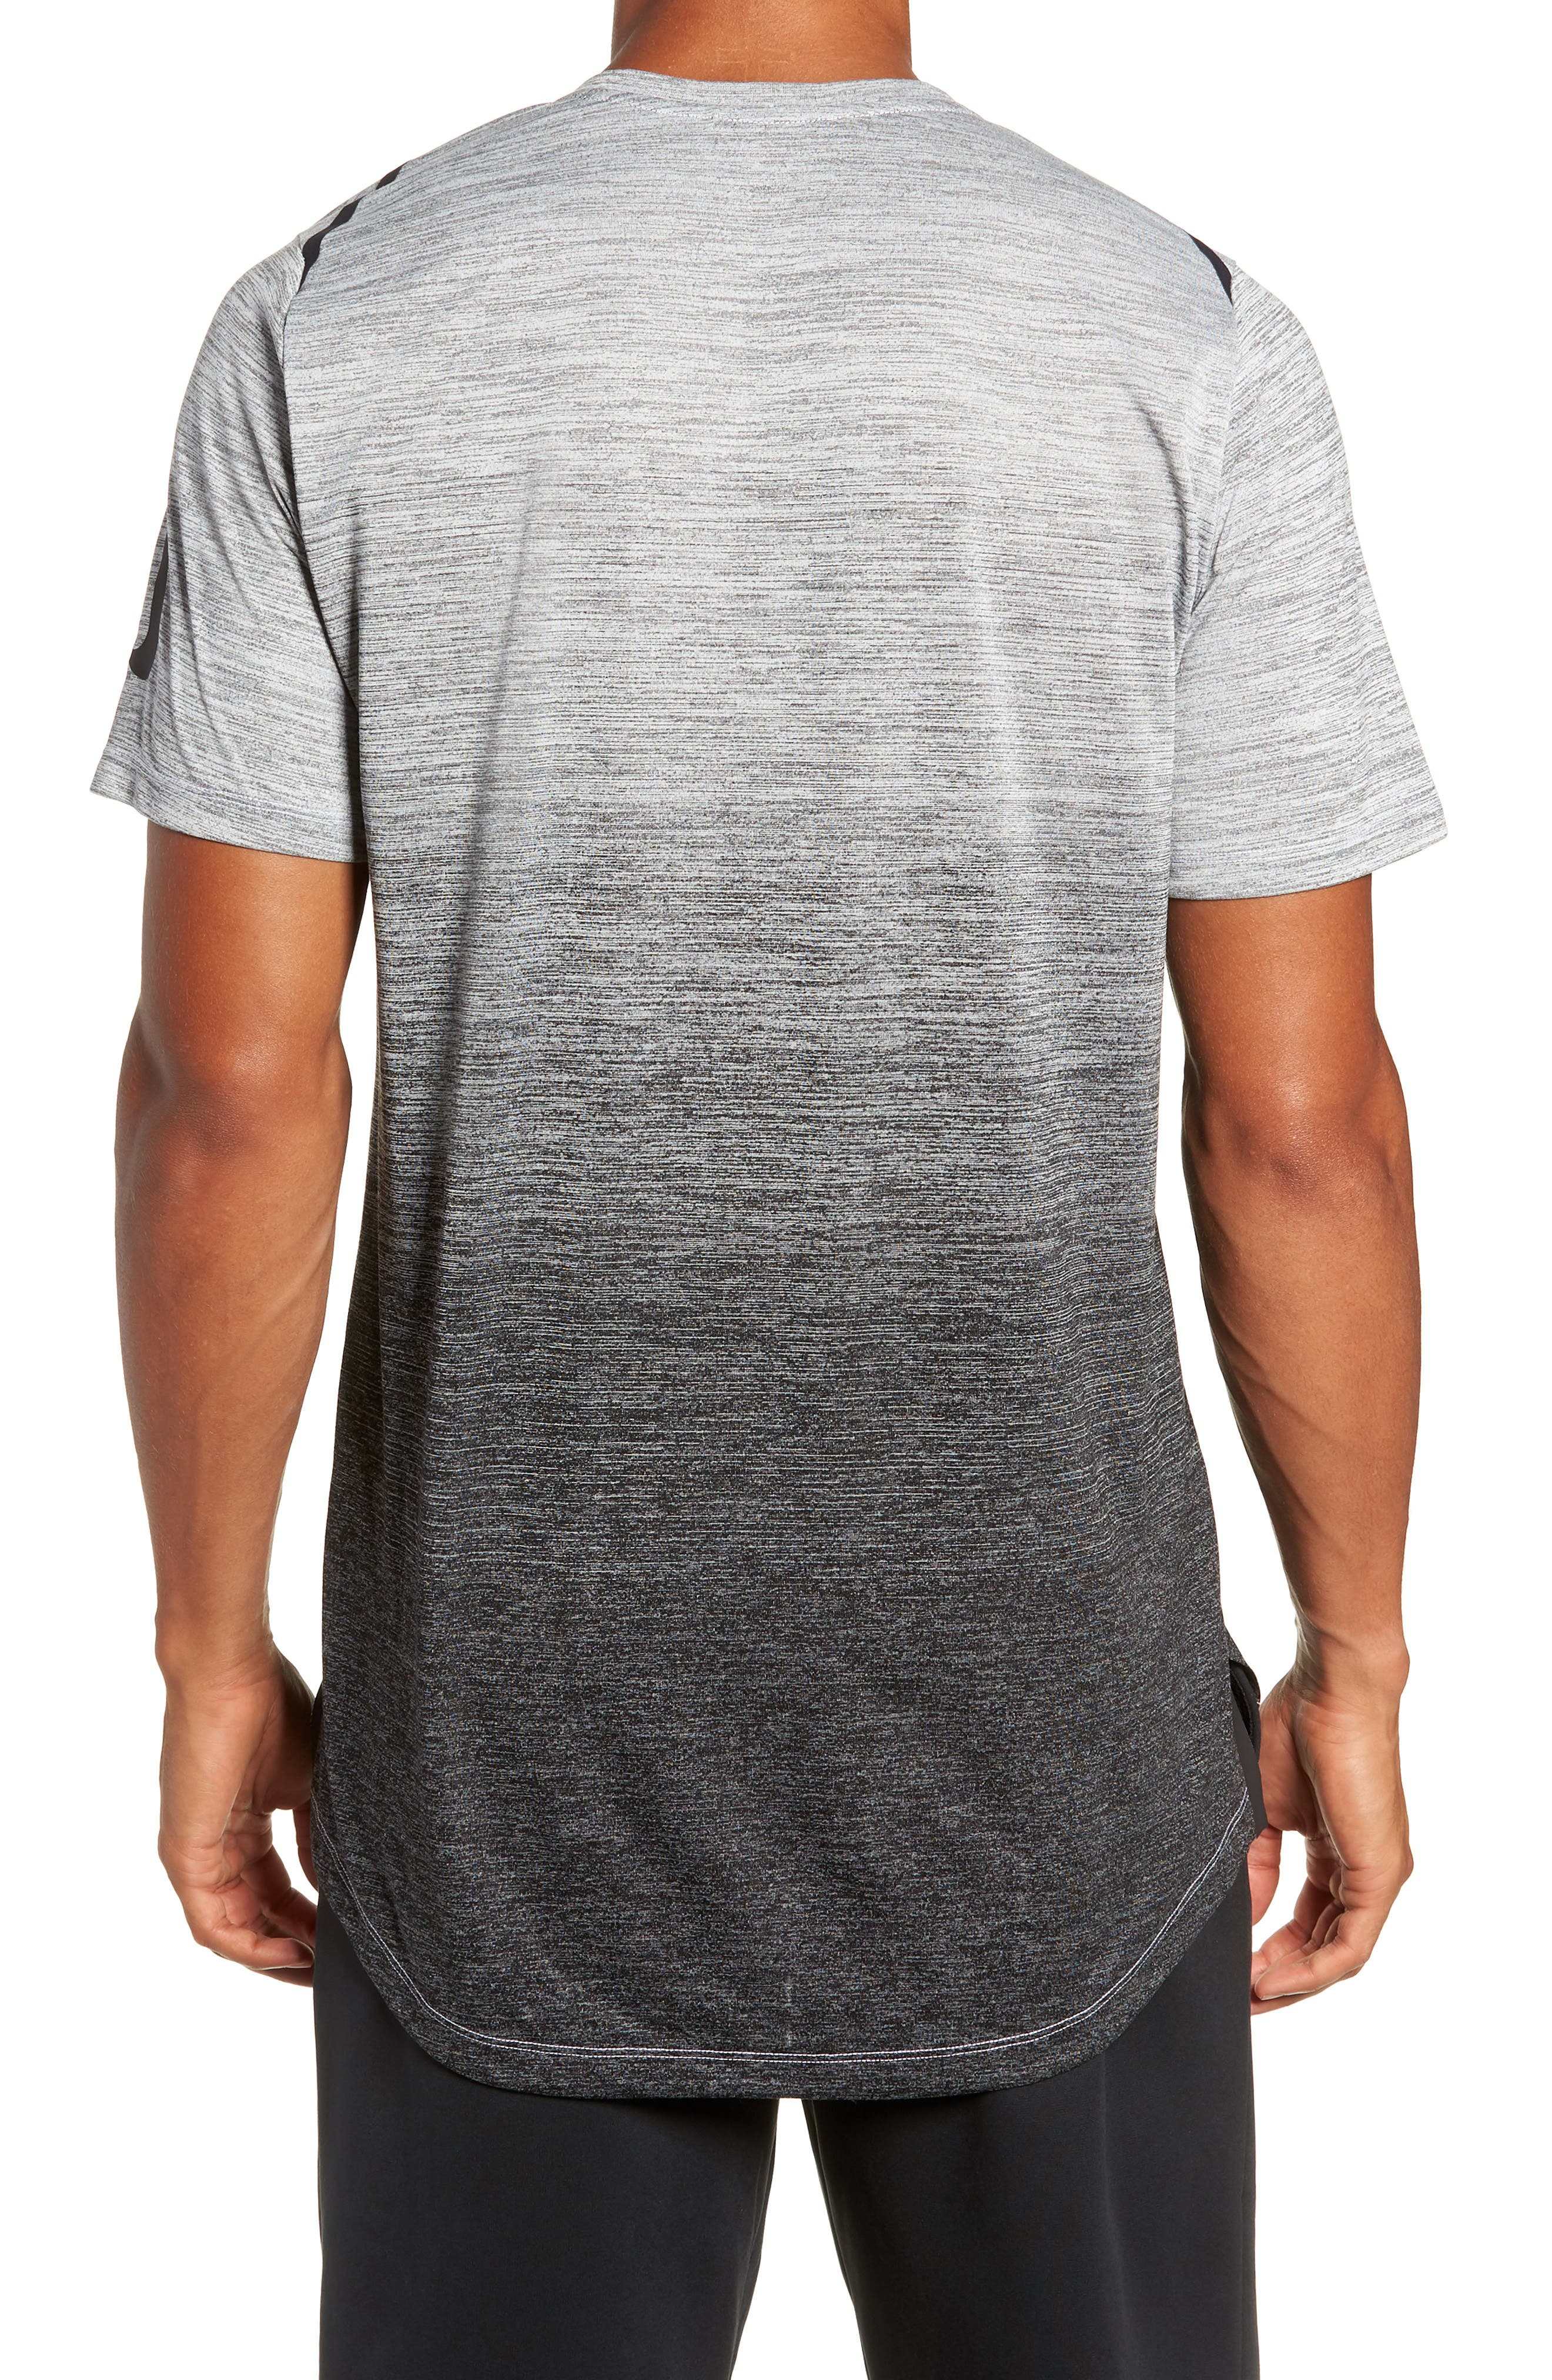 Dry Max Training T-Shirt,                             Alternate thumbnail 2, color,                             BLACK/ WHITE/ HYPER COBALT